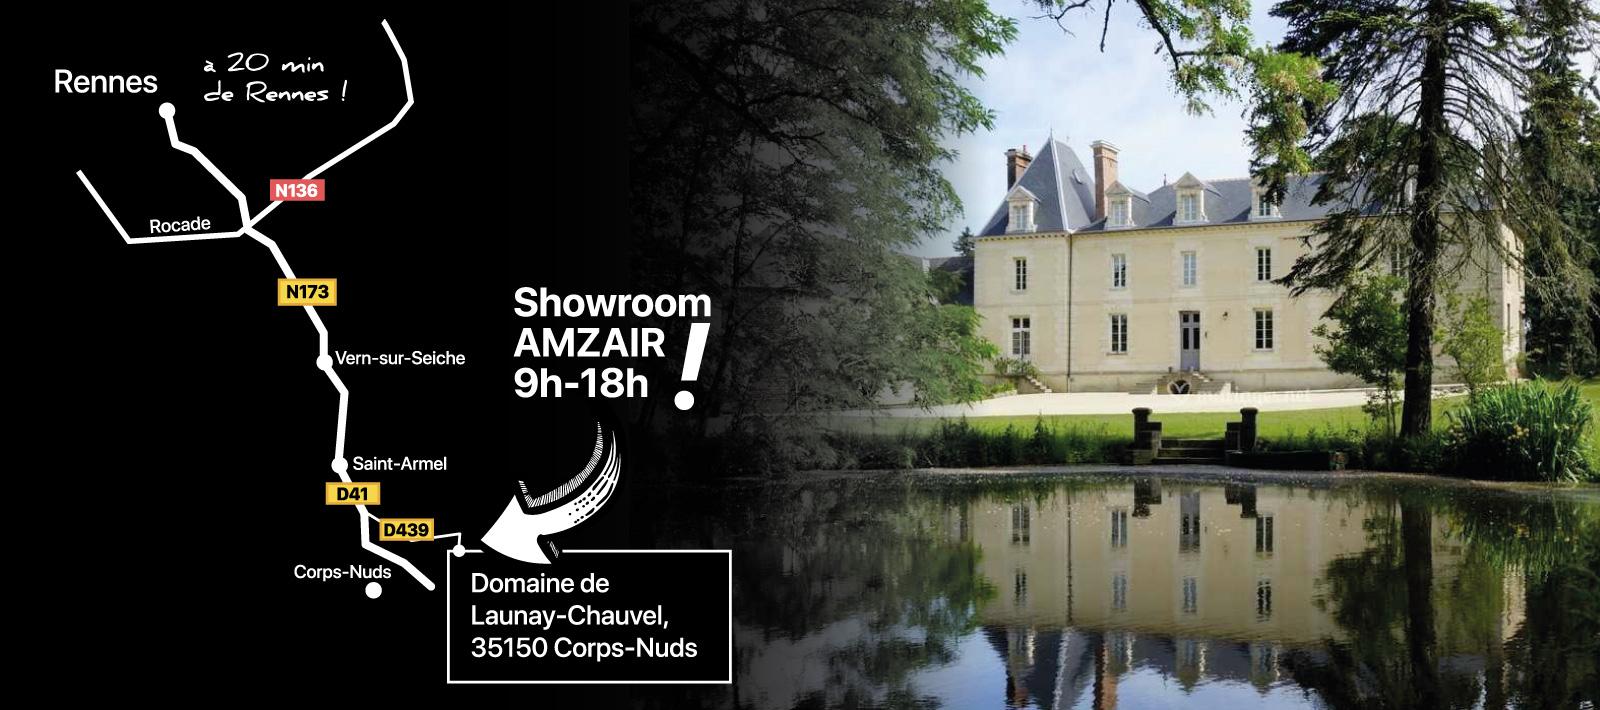 Plan pour se rendre au showroom de pompes à chaleur AMZAIR à Rennes